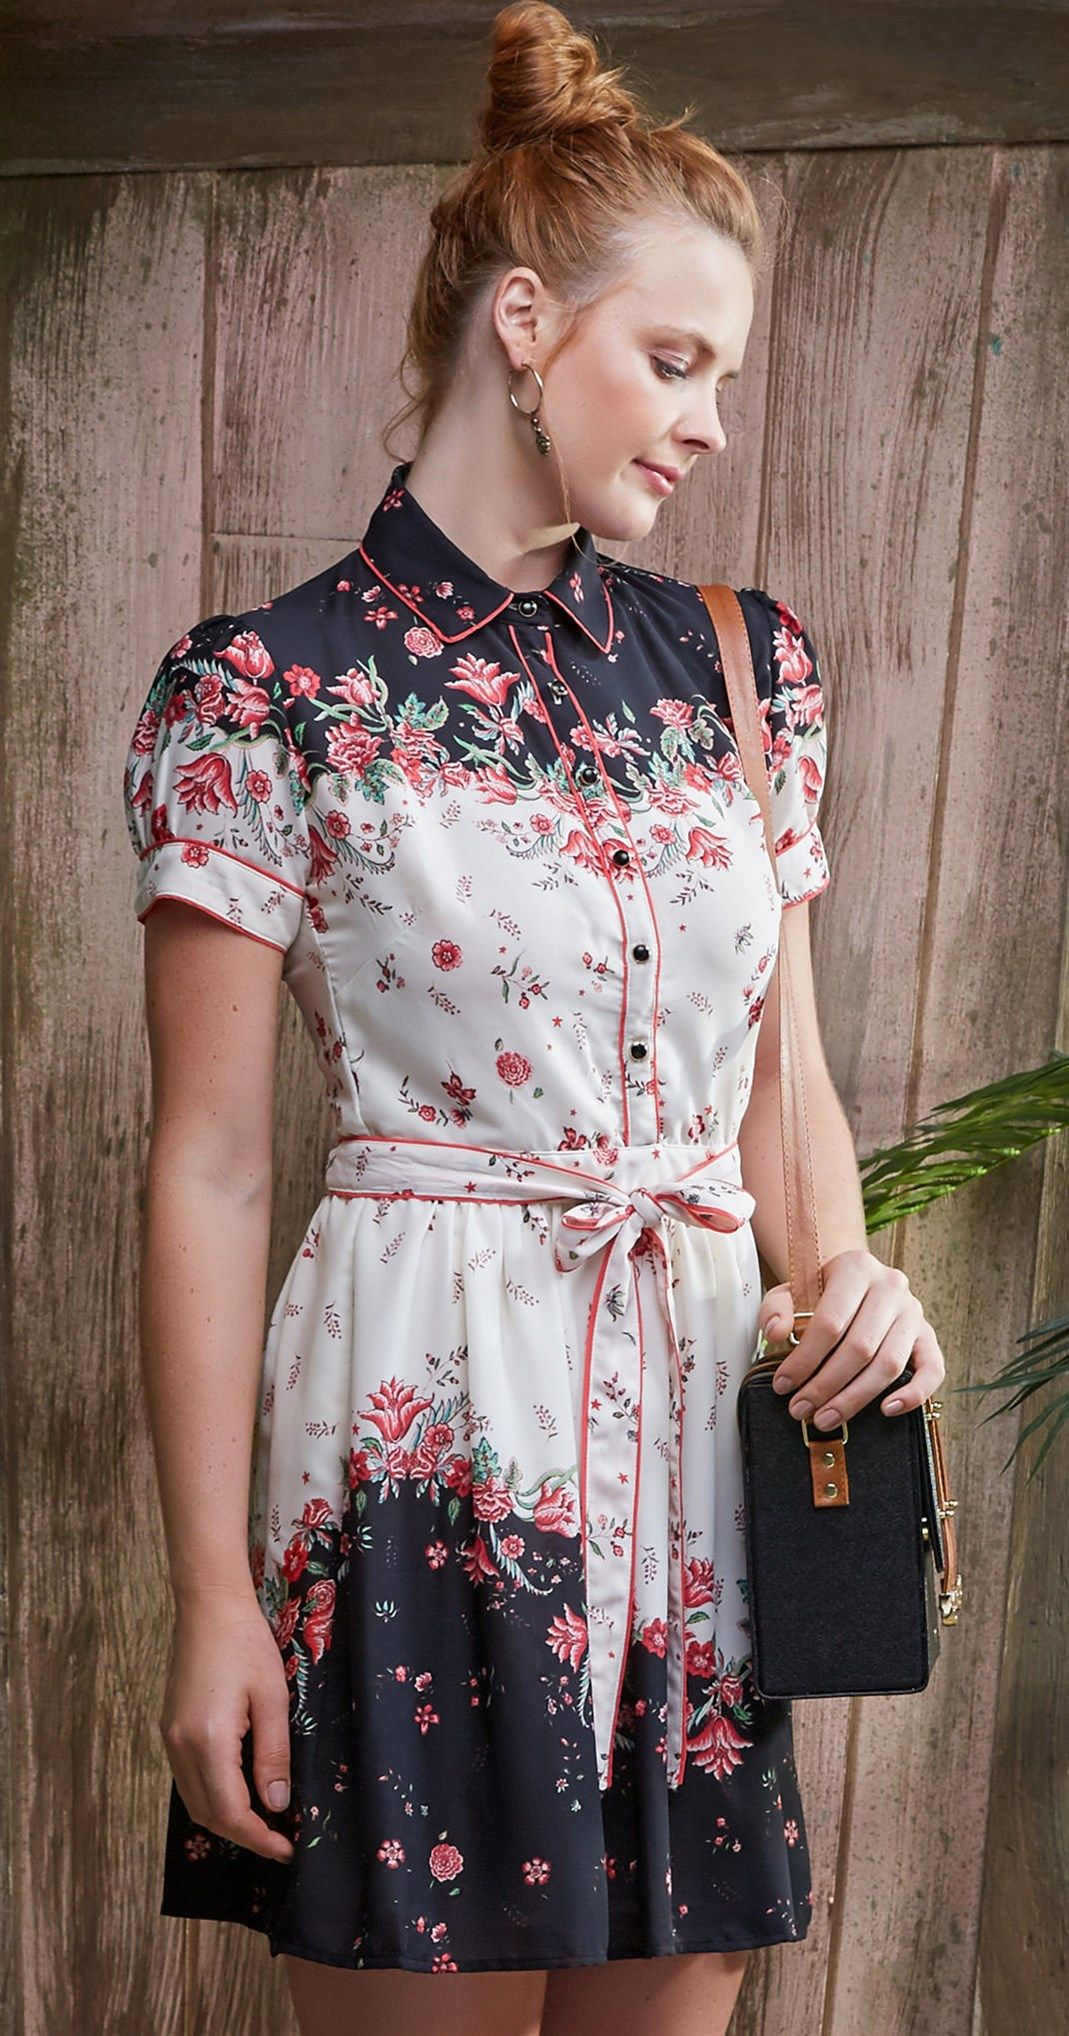 889fd57213b Só na Antix Store você encontra Vestido Mini Rosas com exclusividade na  internet